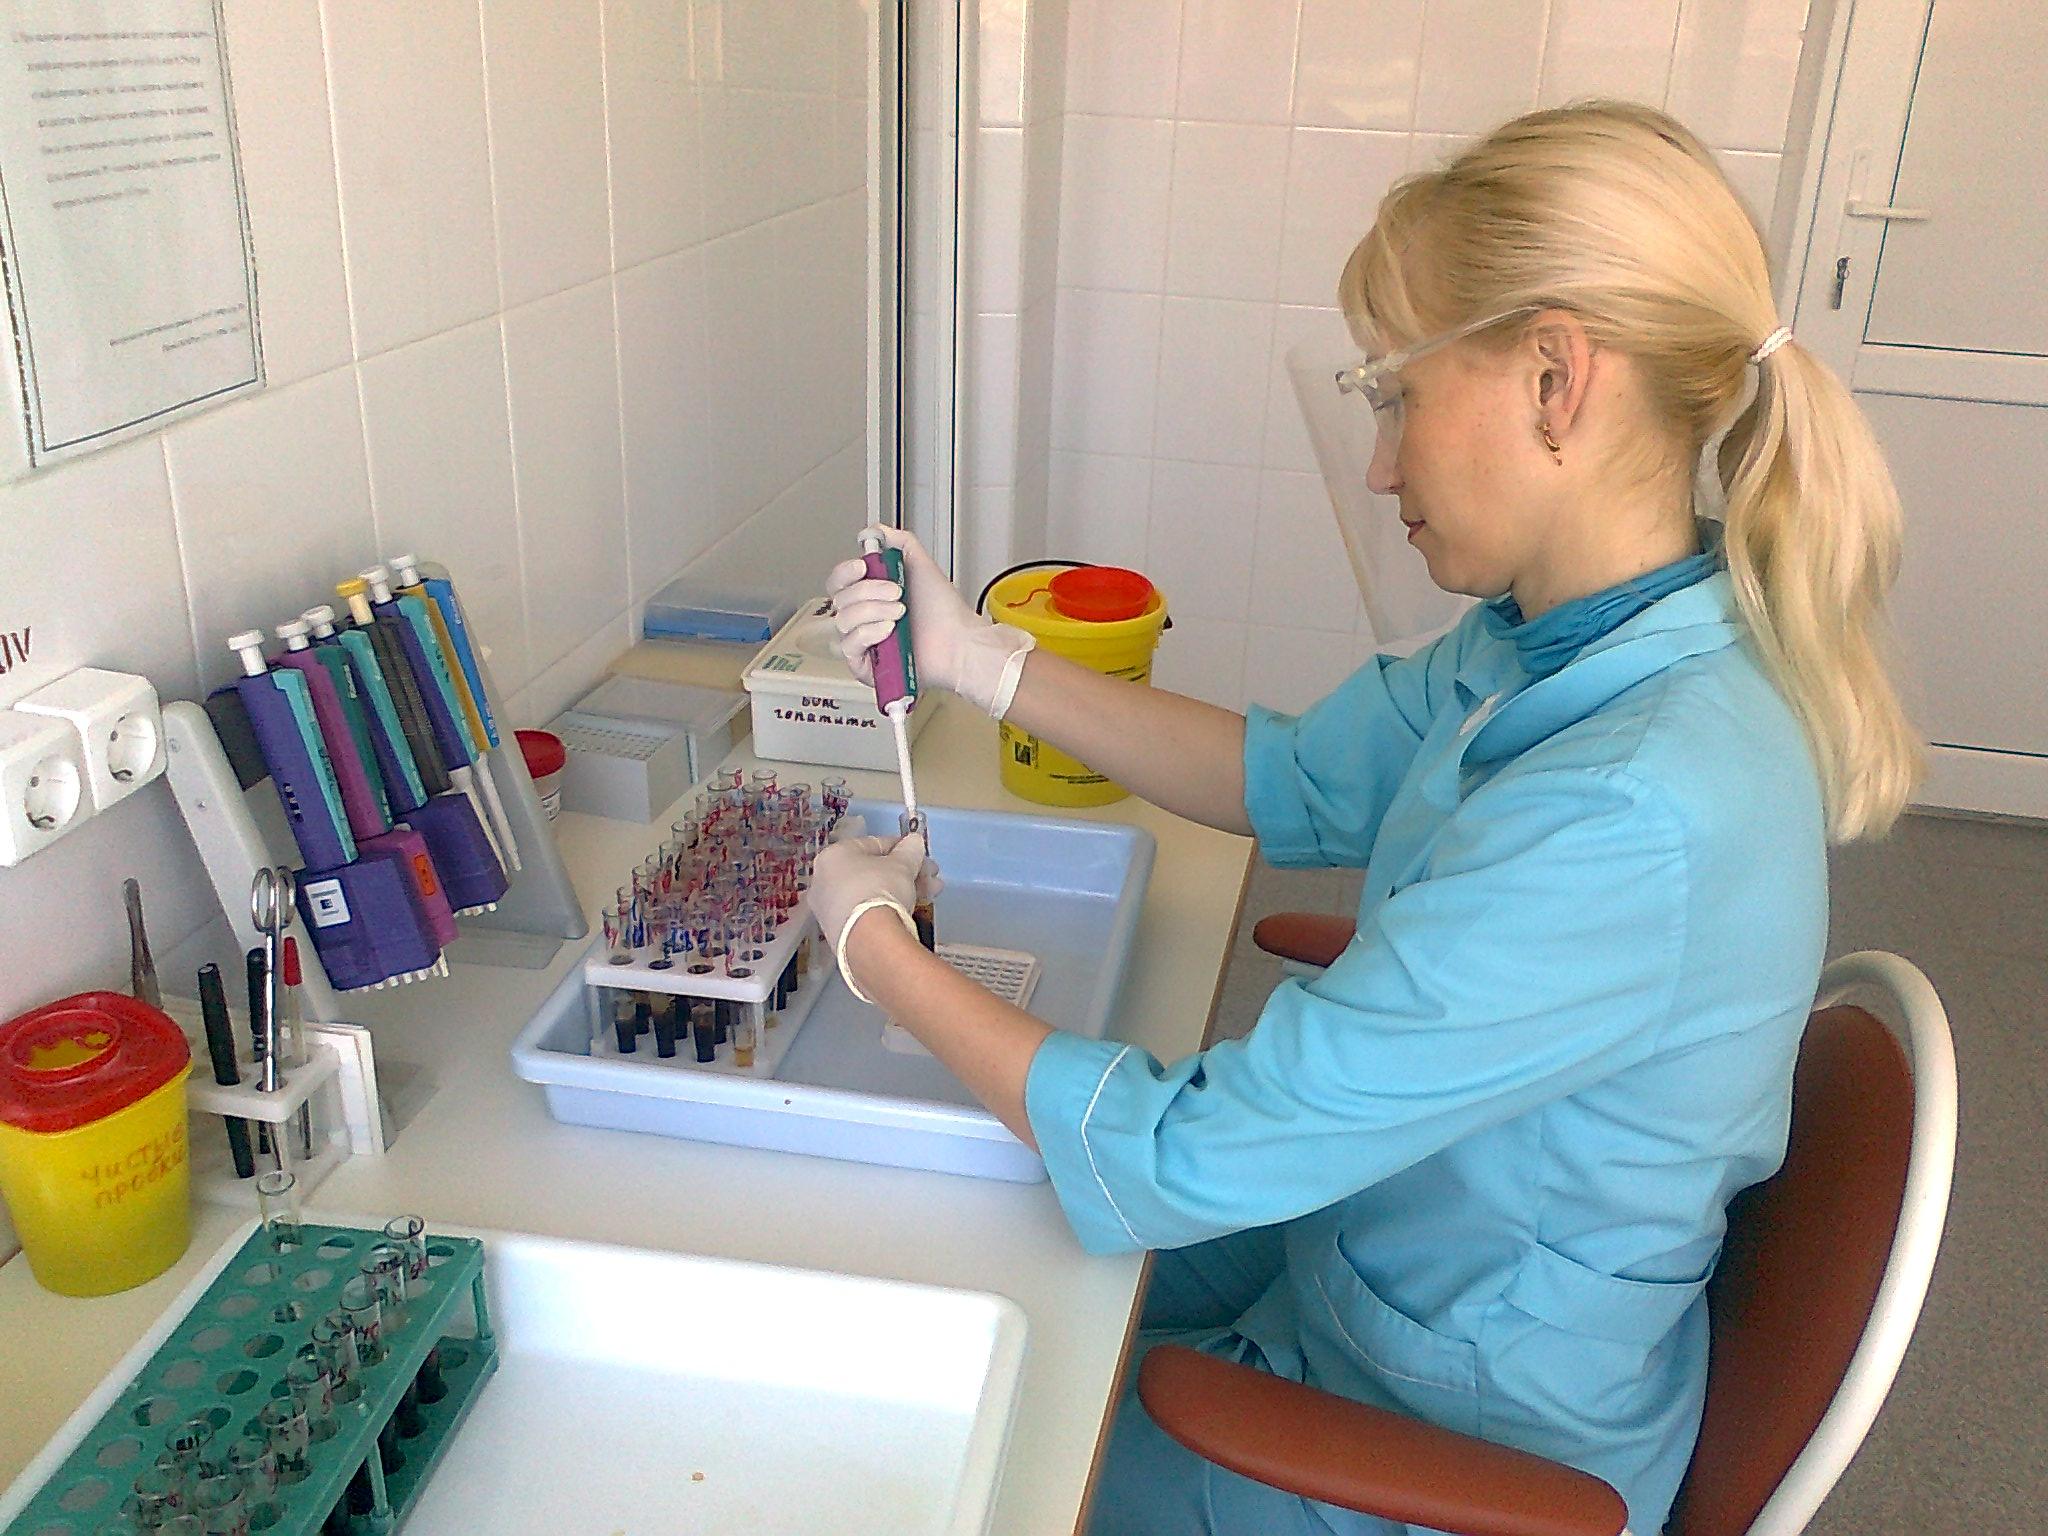 Сдавать кровь стоит в надежной клинике с хорошими специалистами